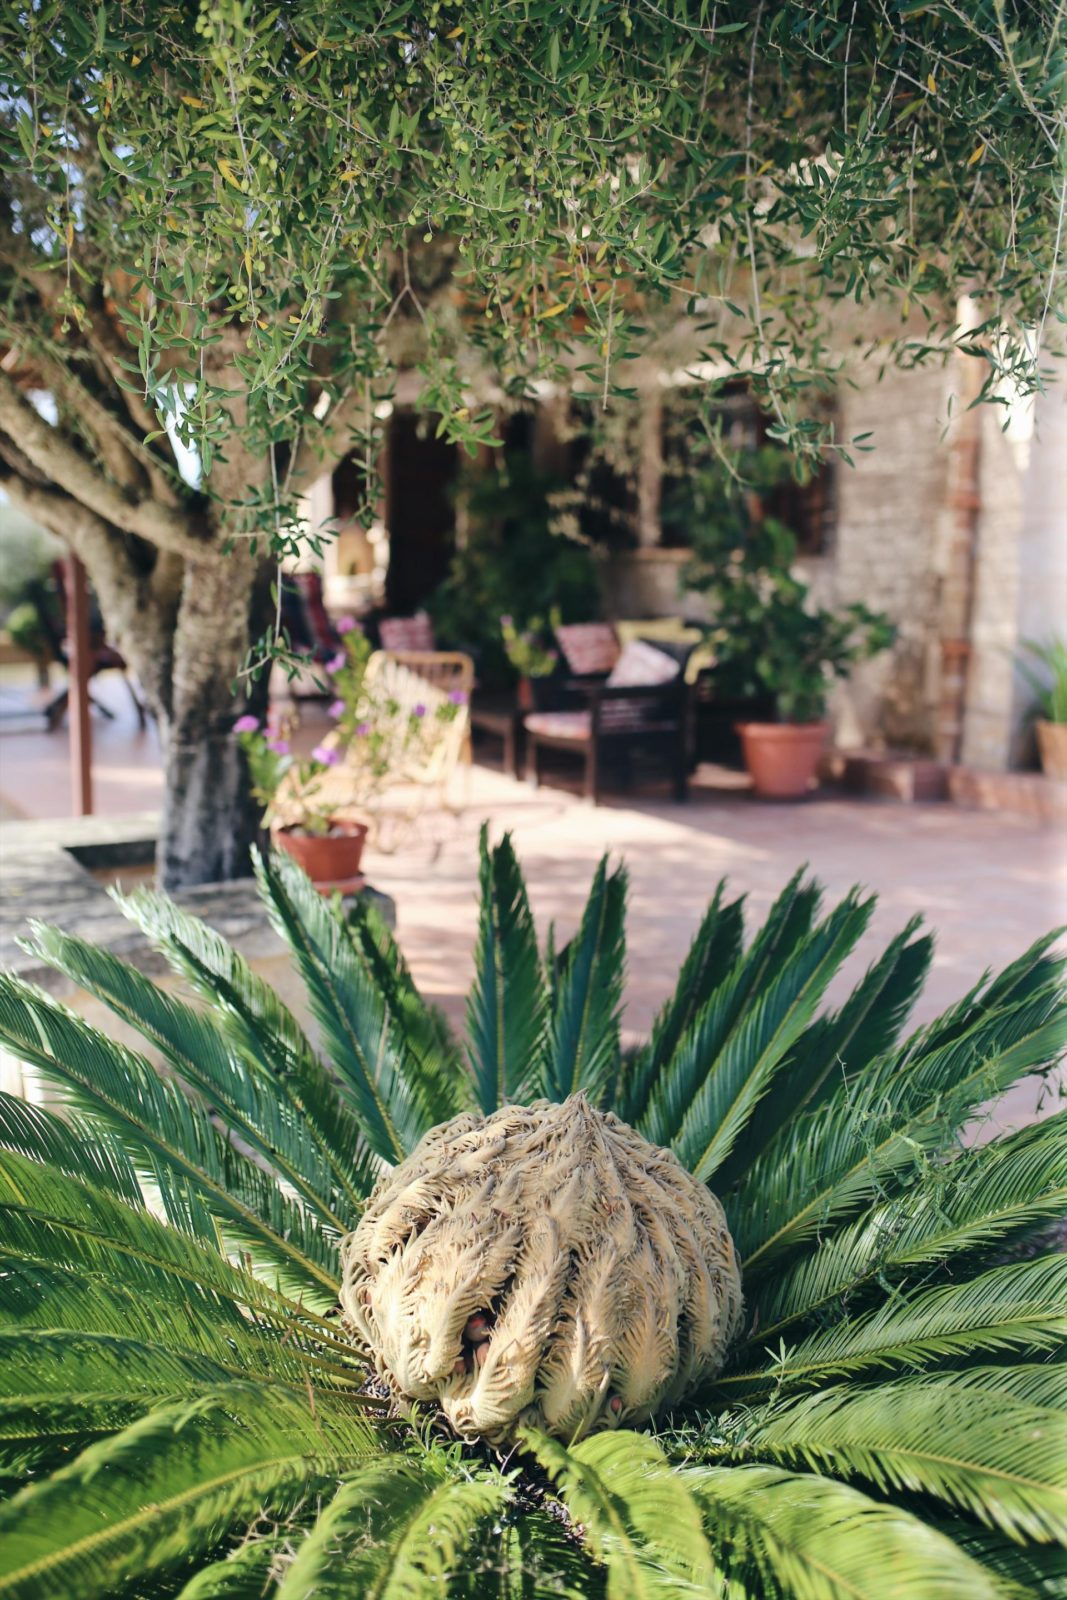 Mallorca, Du hast neue Fans! Finca Leben und Inseltips Teil 1 #Mallorca #Fincallorca #Reisenmitkindern #Malle #Mallorcatips | Pinspiration.de